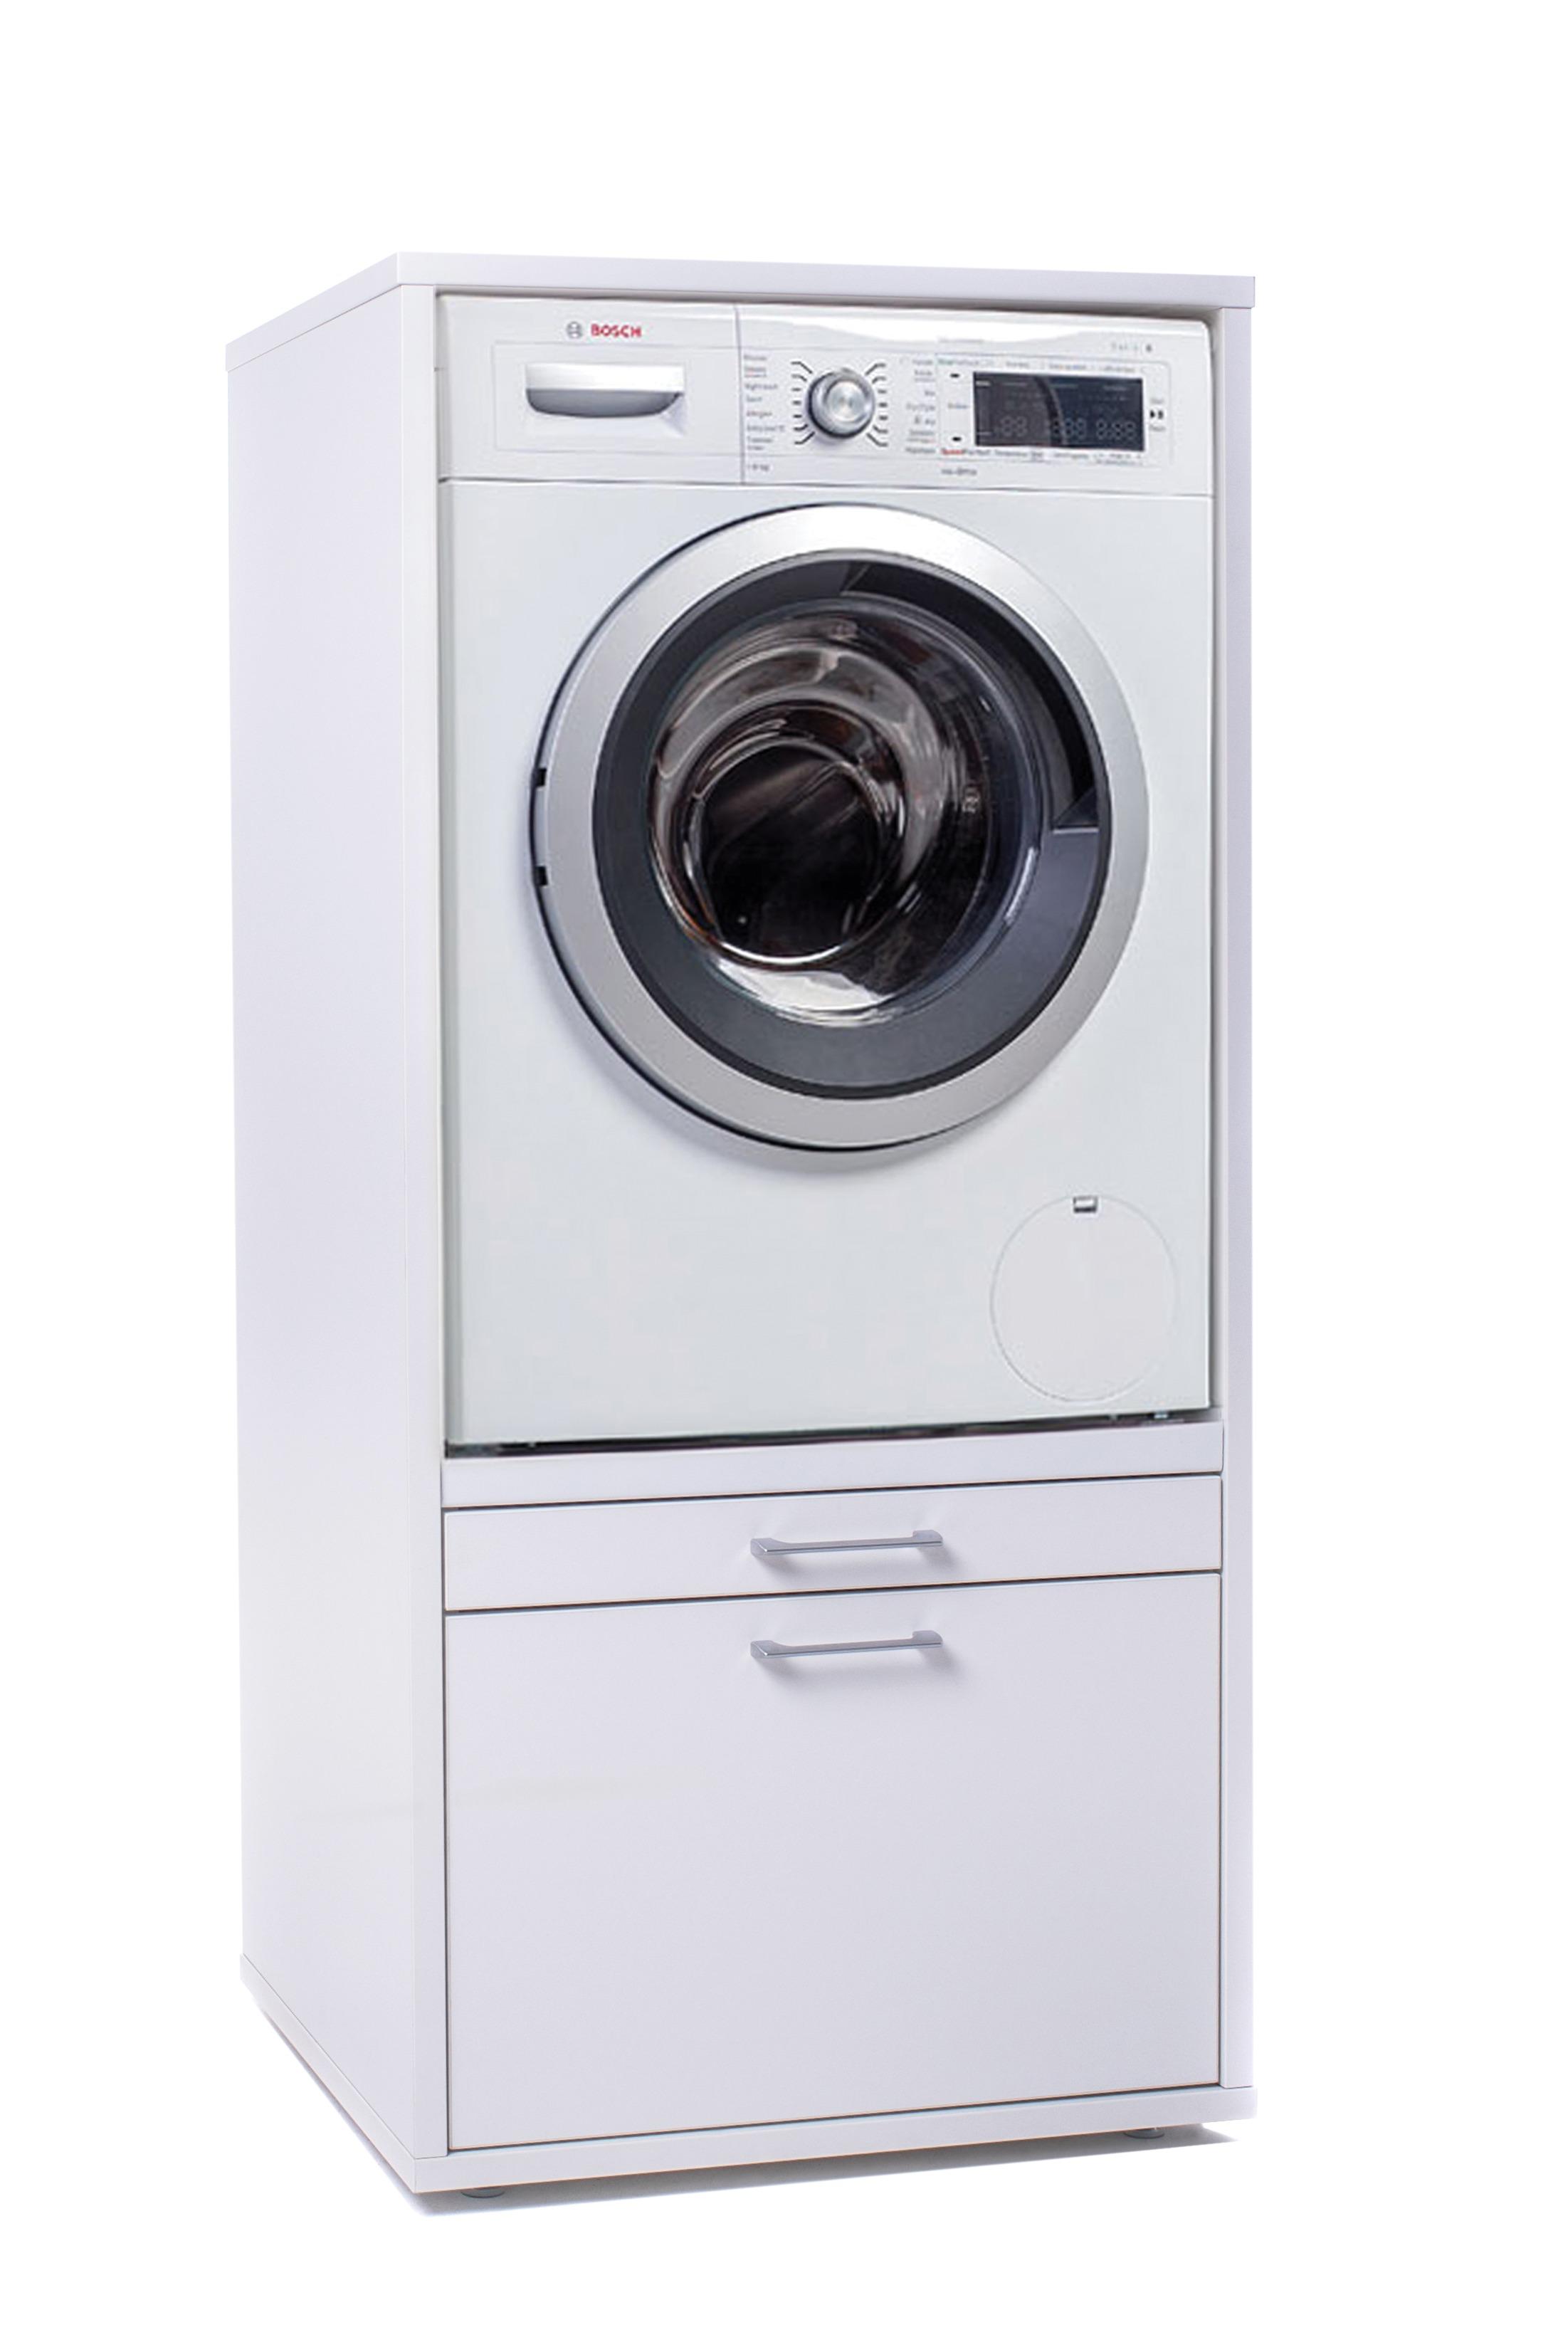 Wastoren wasmachine accessoire WSCS1462